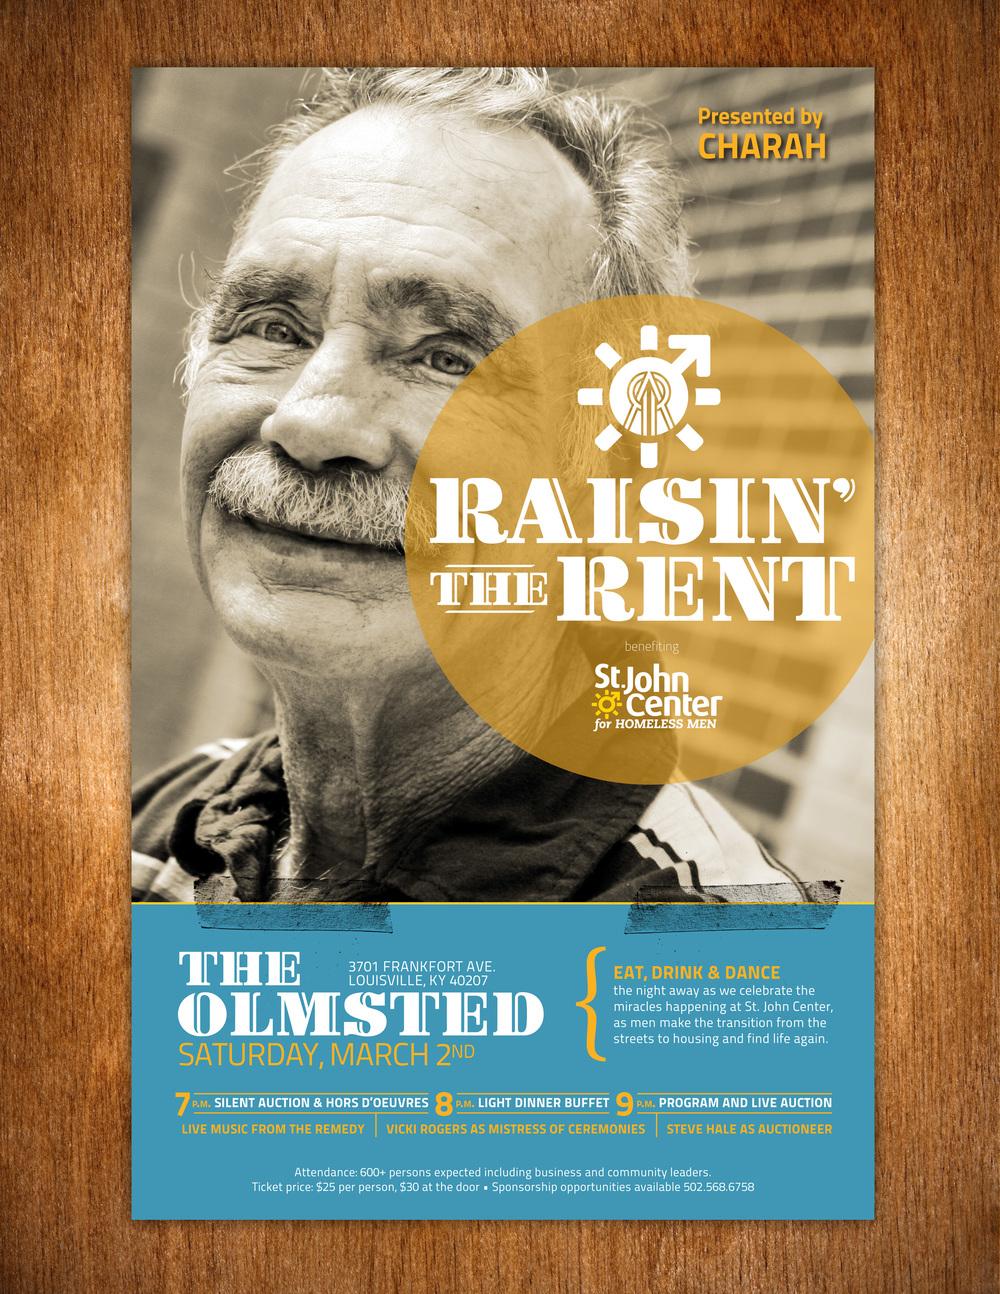 St. John Center: Raisin' the Rent